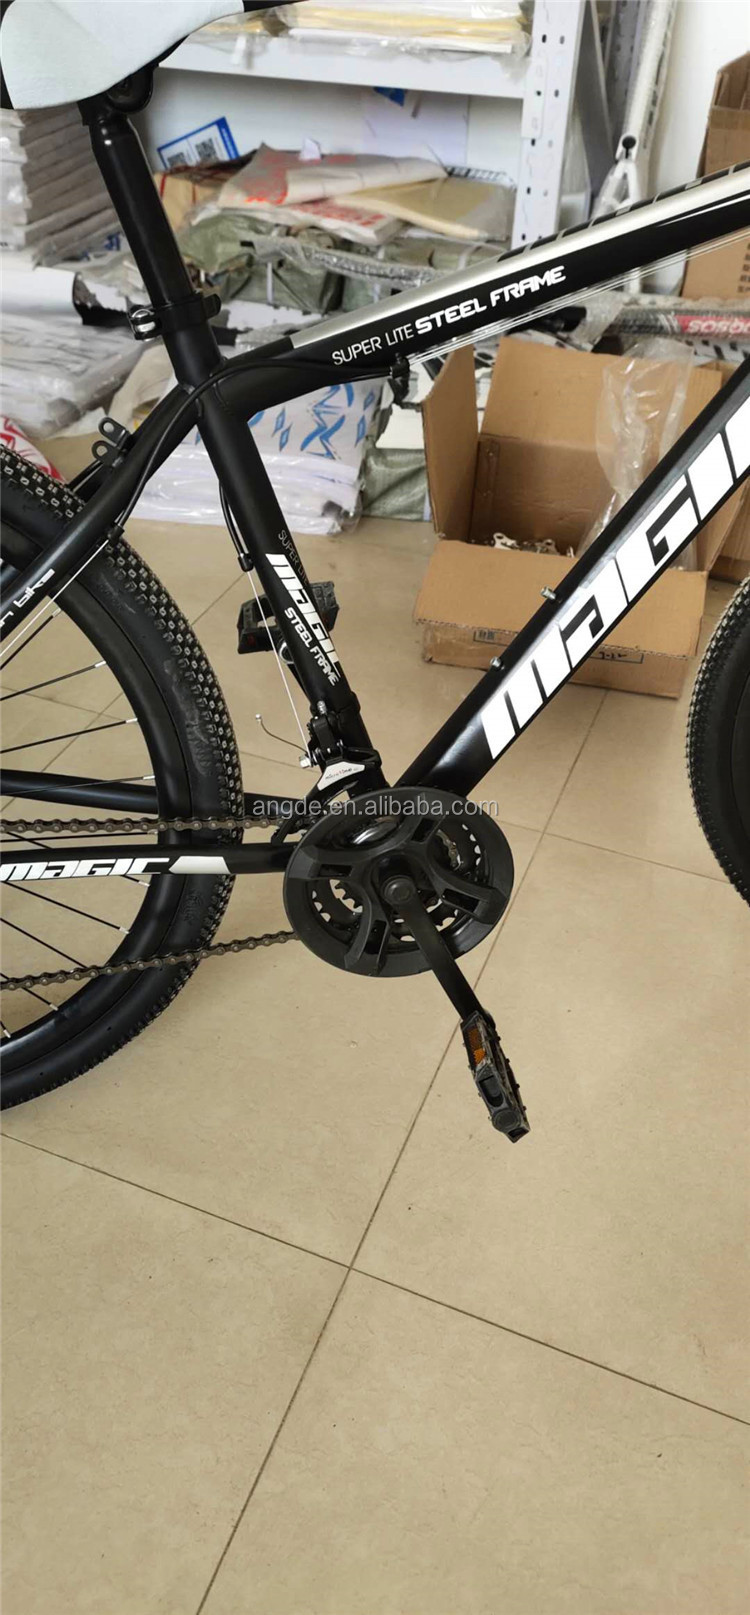 2020 sıcak satış dağ bisikleti 26 inç boya çerçeve, 24 hız, çift disk fren, alüminyum alaşım bıçak halka bisiklet dağ bisikleti